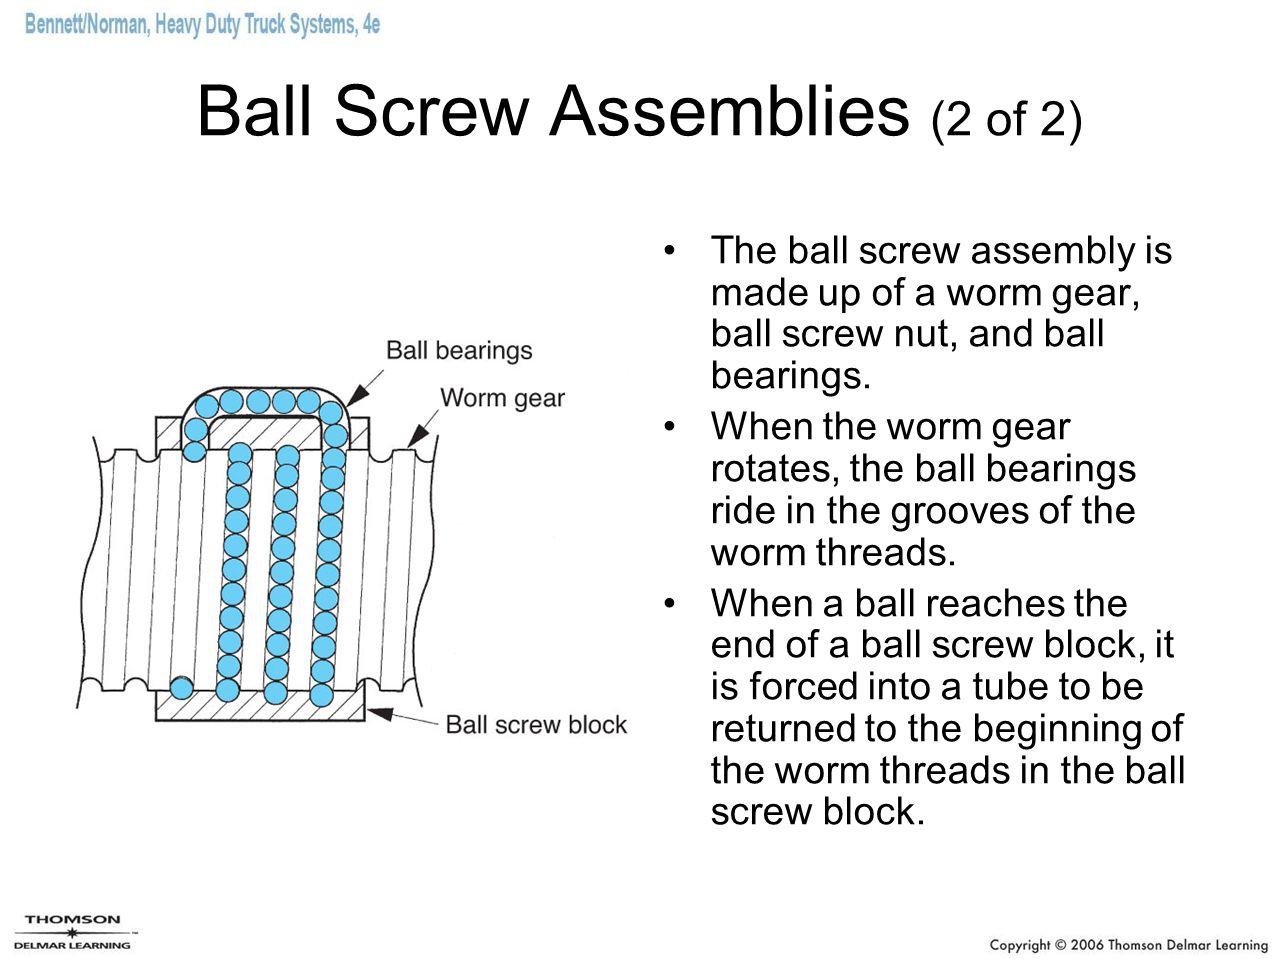 Ball Screw Assemblies (2 of 2)